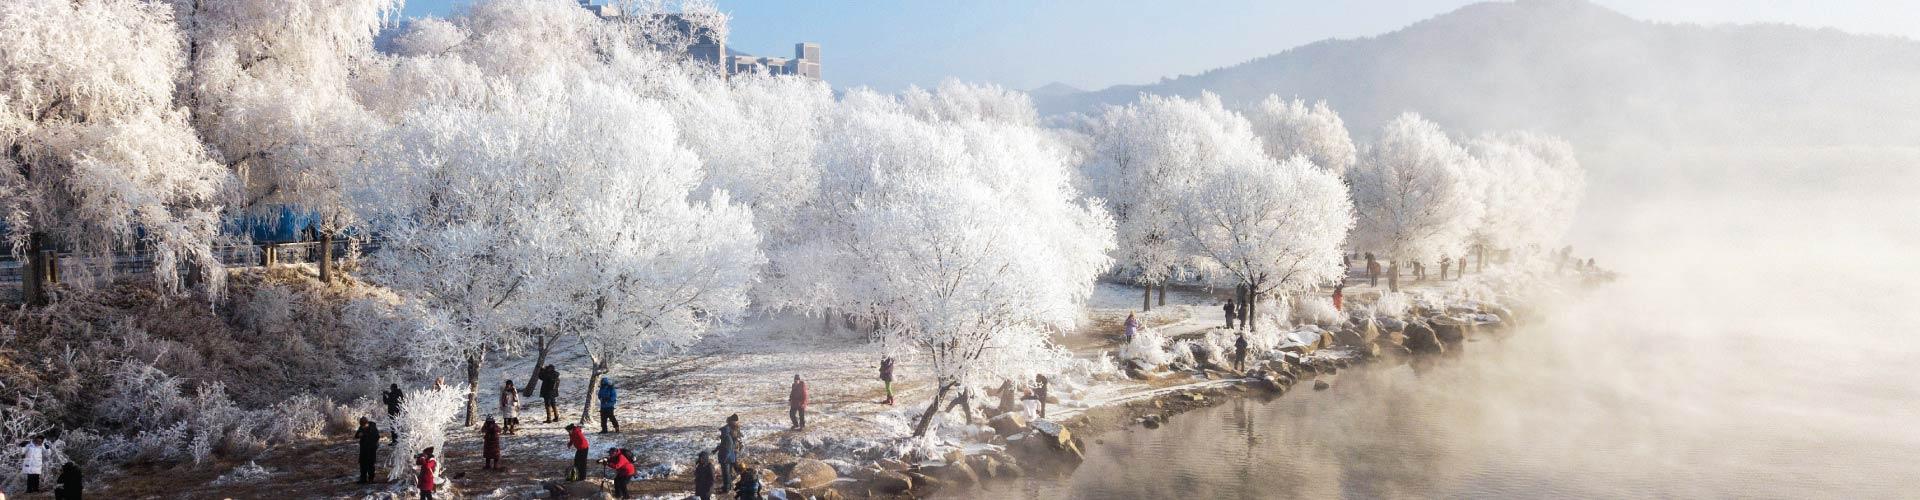 Heilongjiang, Jilin, Changchun, Shenyang